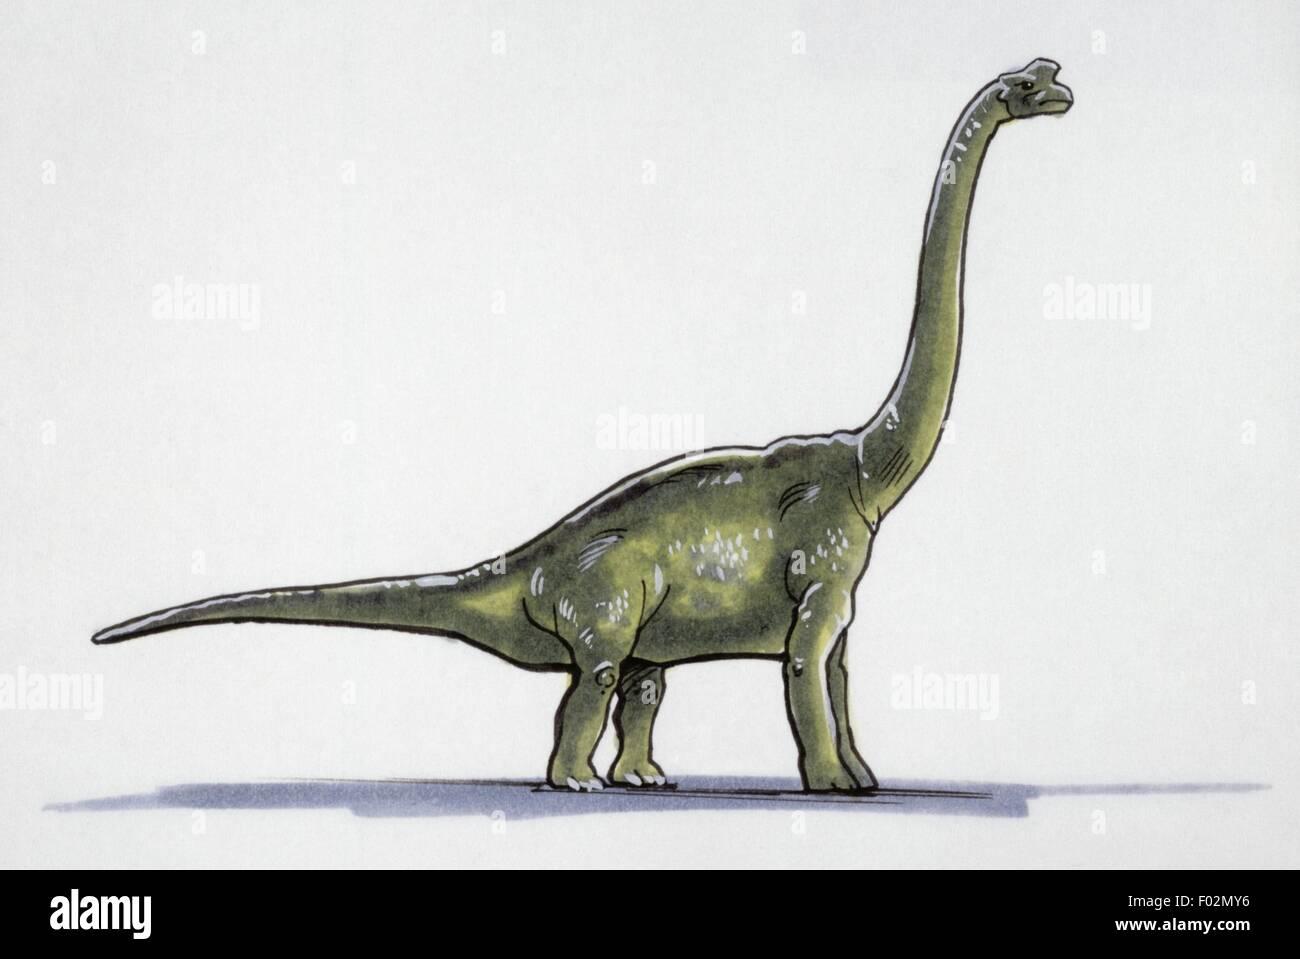 Palaeozoology - Jurassic period - inosaurs - Damalasaurus - Drawing - Stock Image